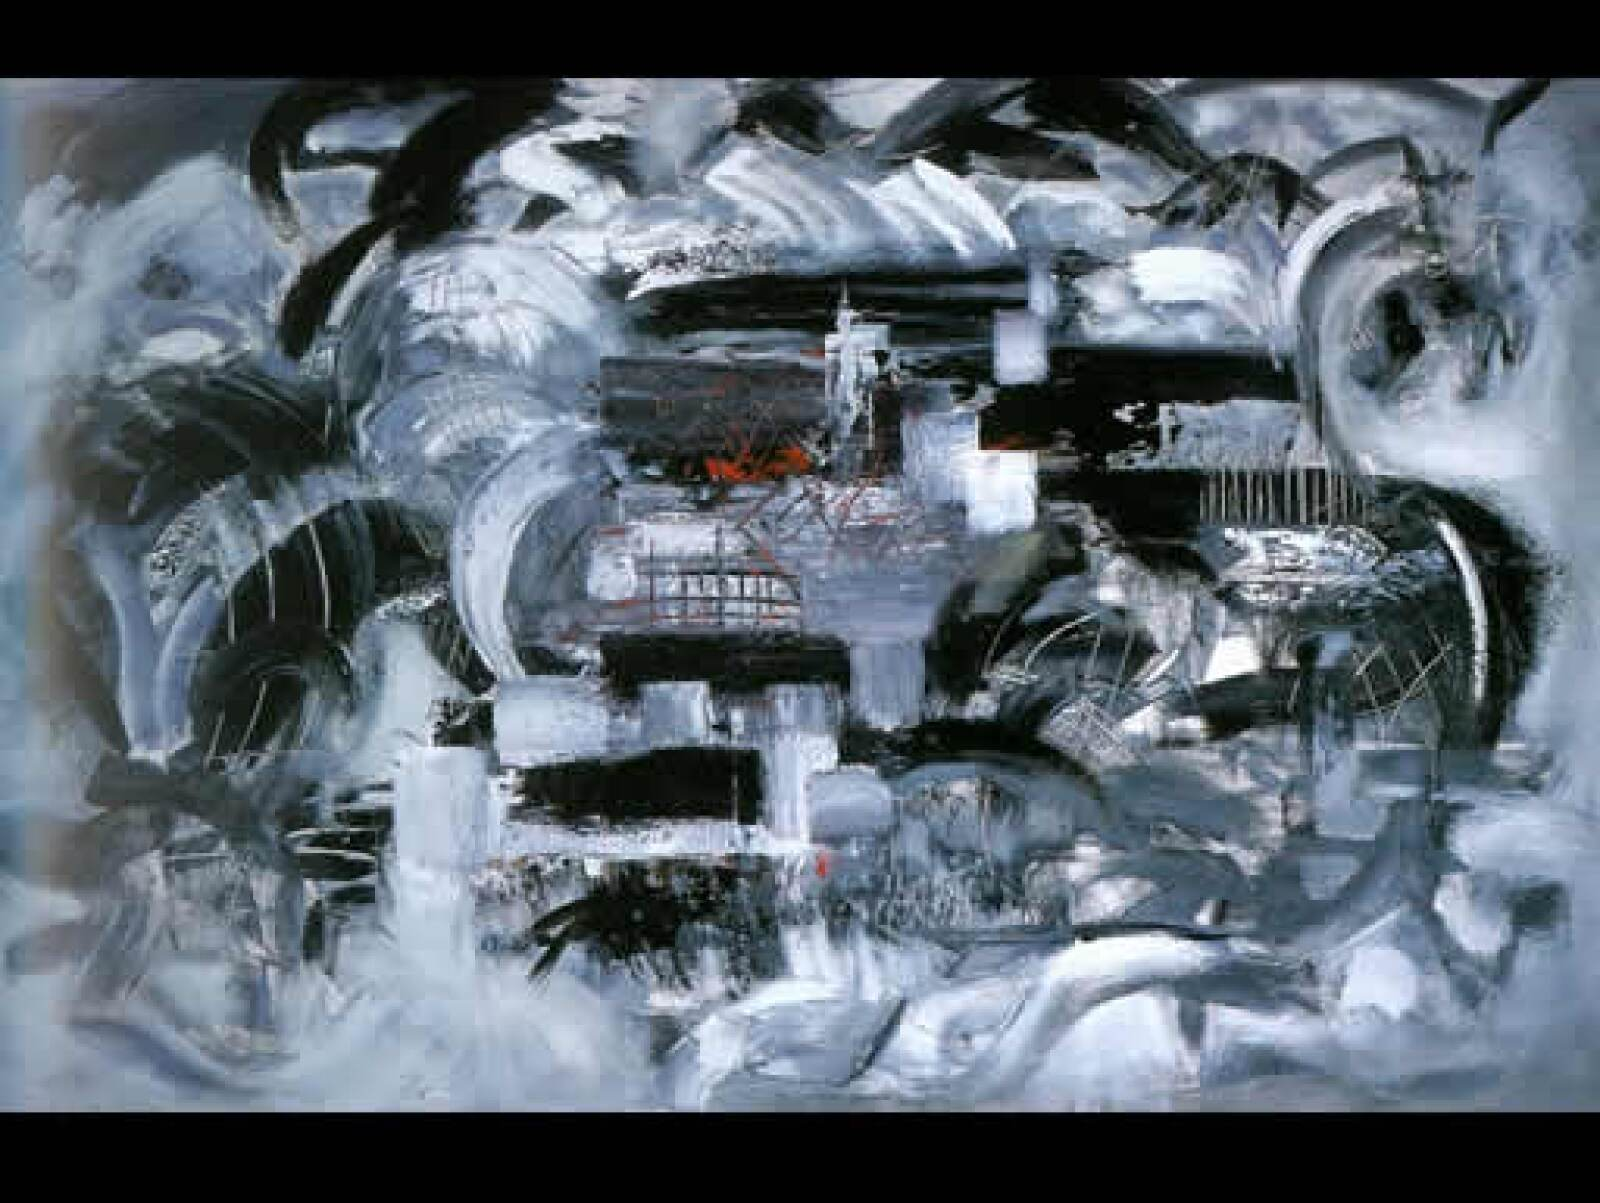 """El pintor zacatecano opina: """"algunas de sus obras están plenamente logradas"""". """"Ciudad ardiente"""", 2004, acrílico sobre tela, 120 x 180 m"""